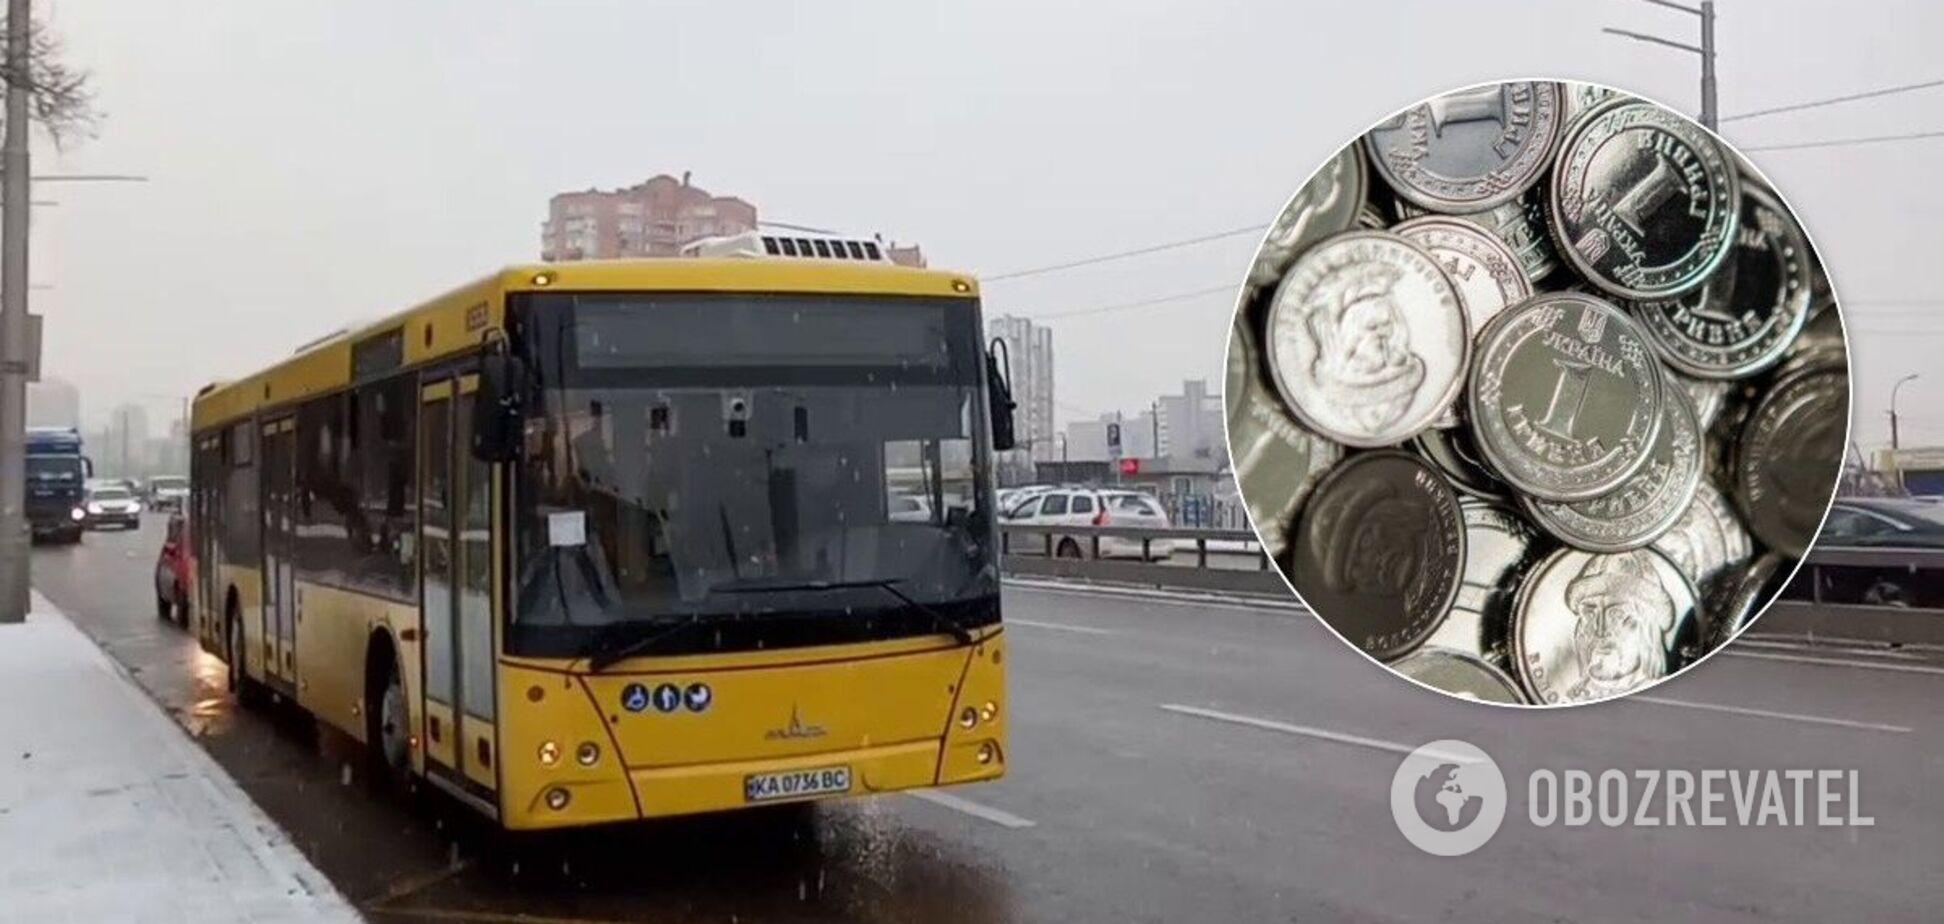 Решение о повышении цен на проезд принимает киевская власть